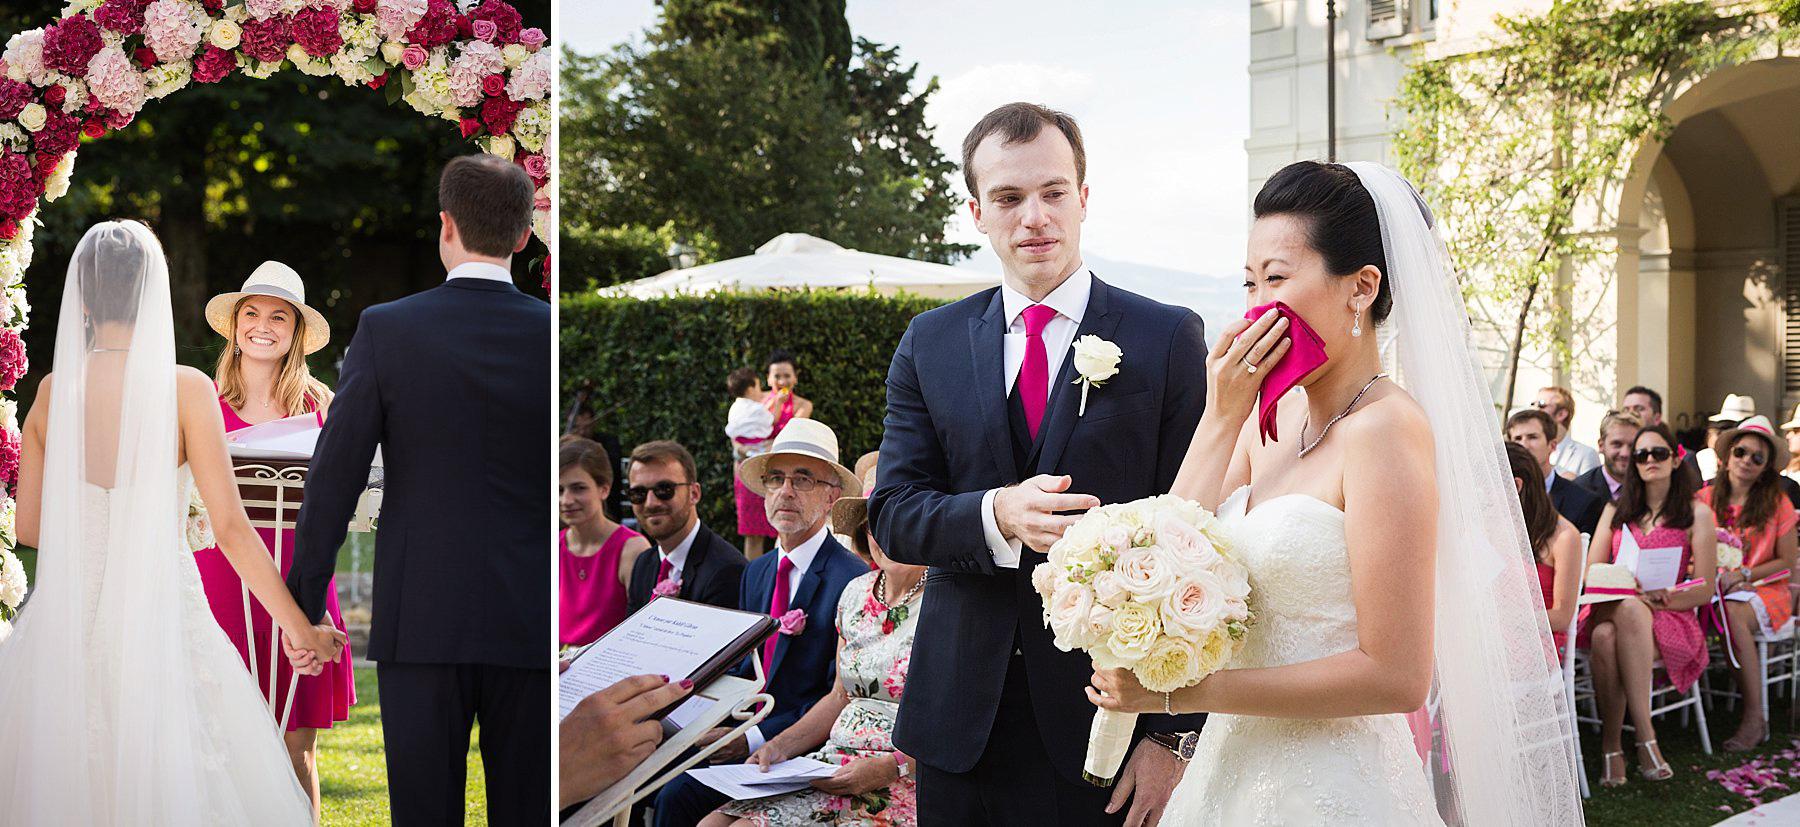 WeddingLauraAntoine-053